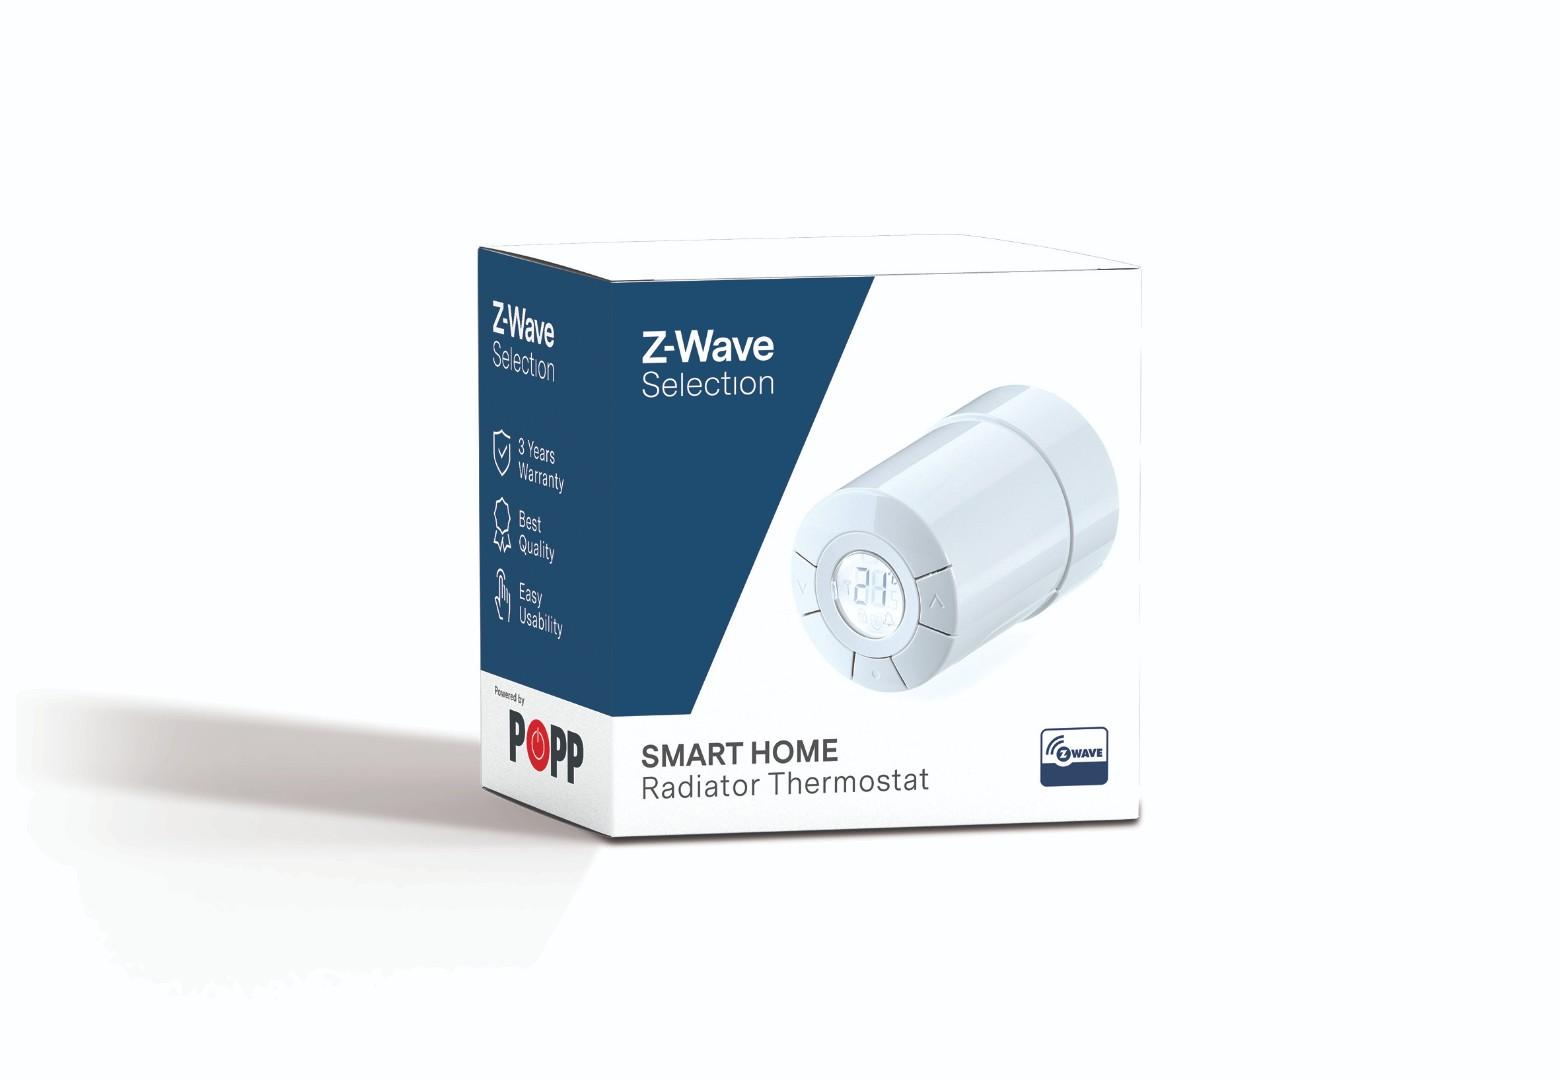 Z-Wave Selection Radiator Thermostat